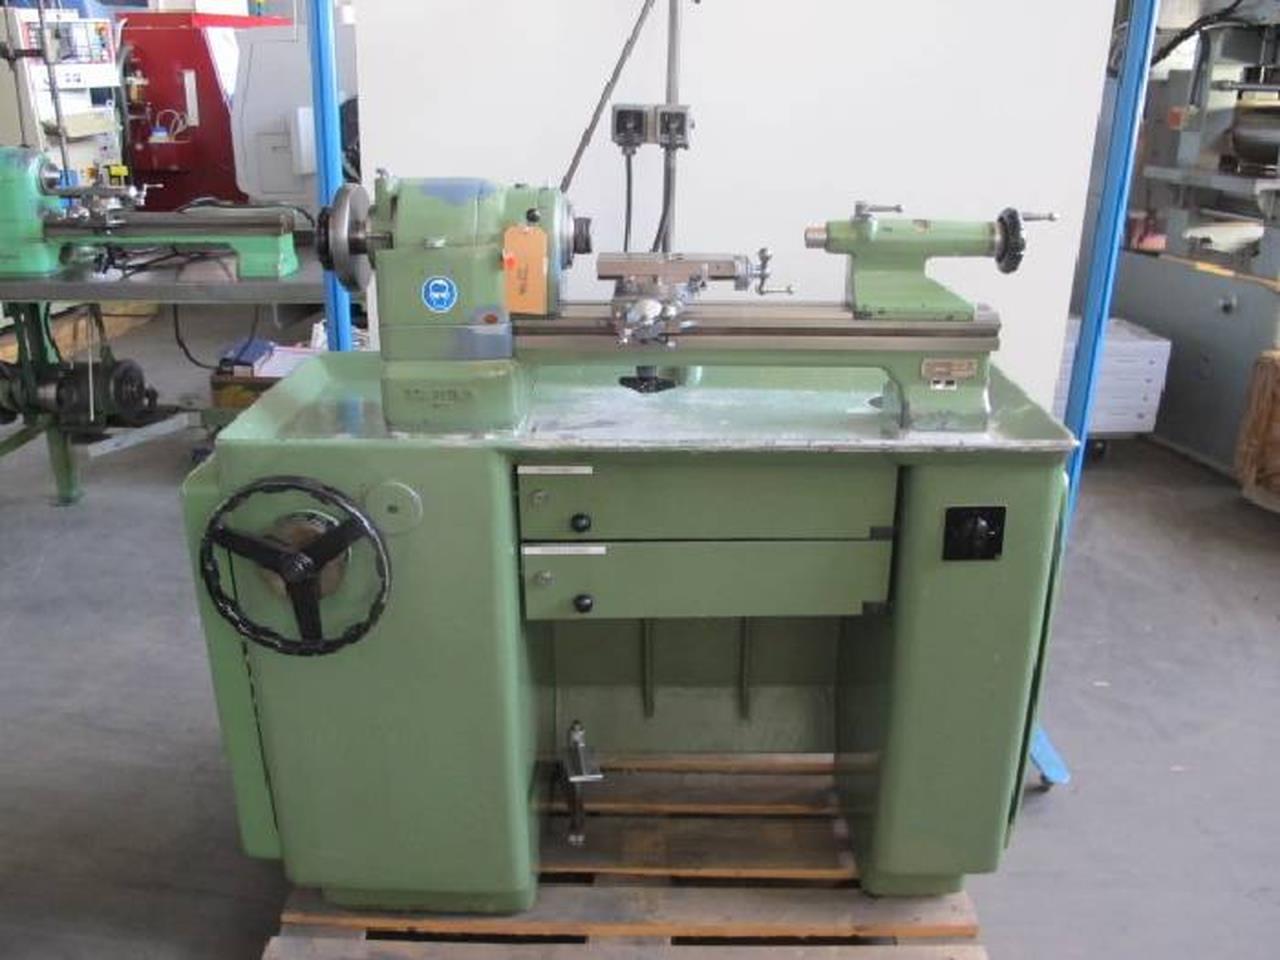 SCHAUBLIN (By manufacturer) | Second-hand machine tool